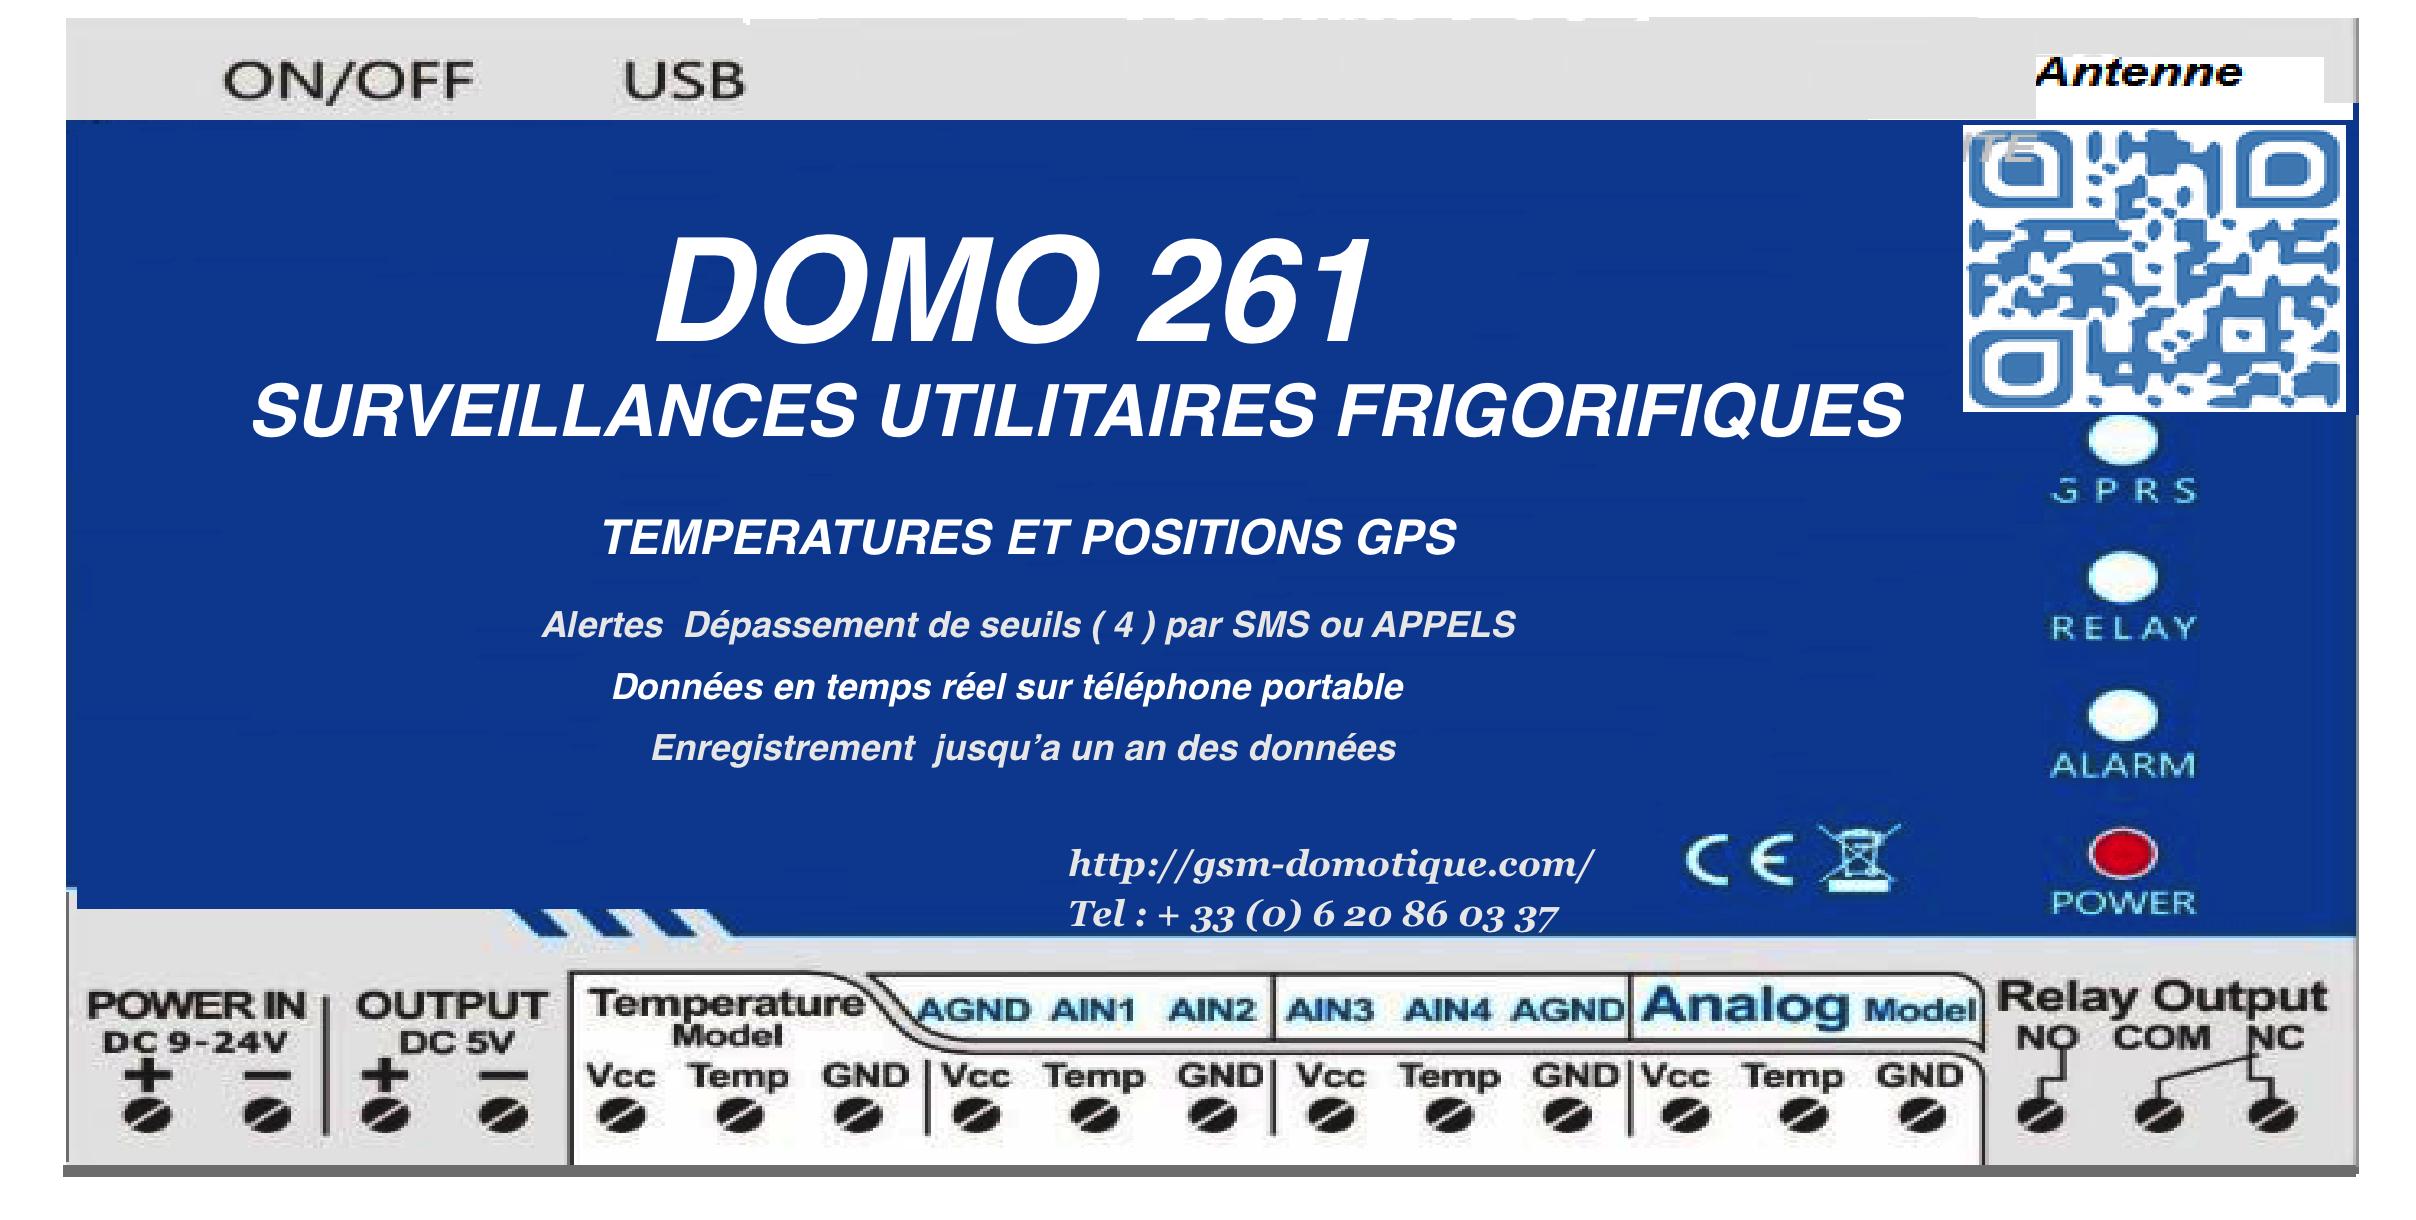 Surveillances utilitaires frigorifiques - Températures et position GPS